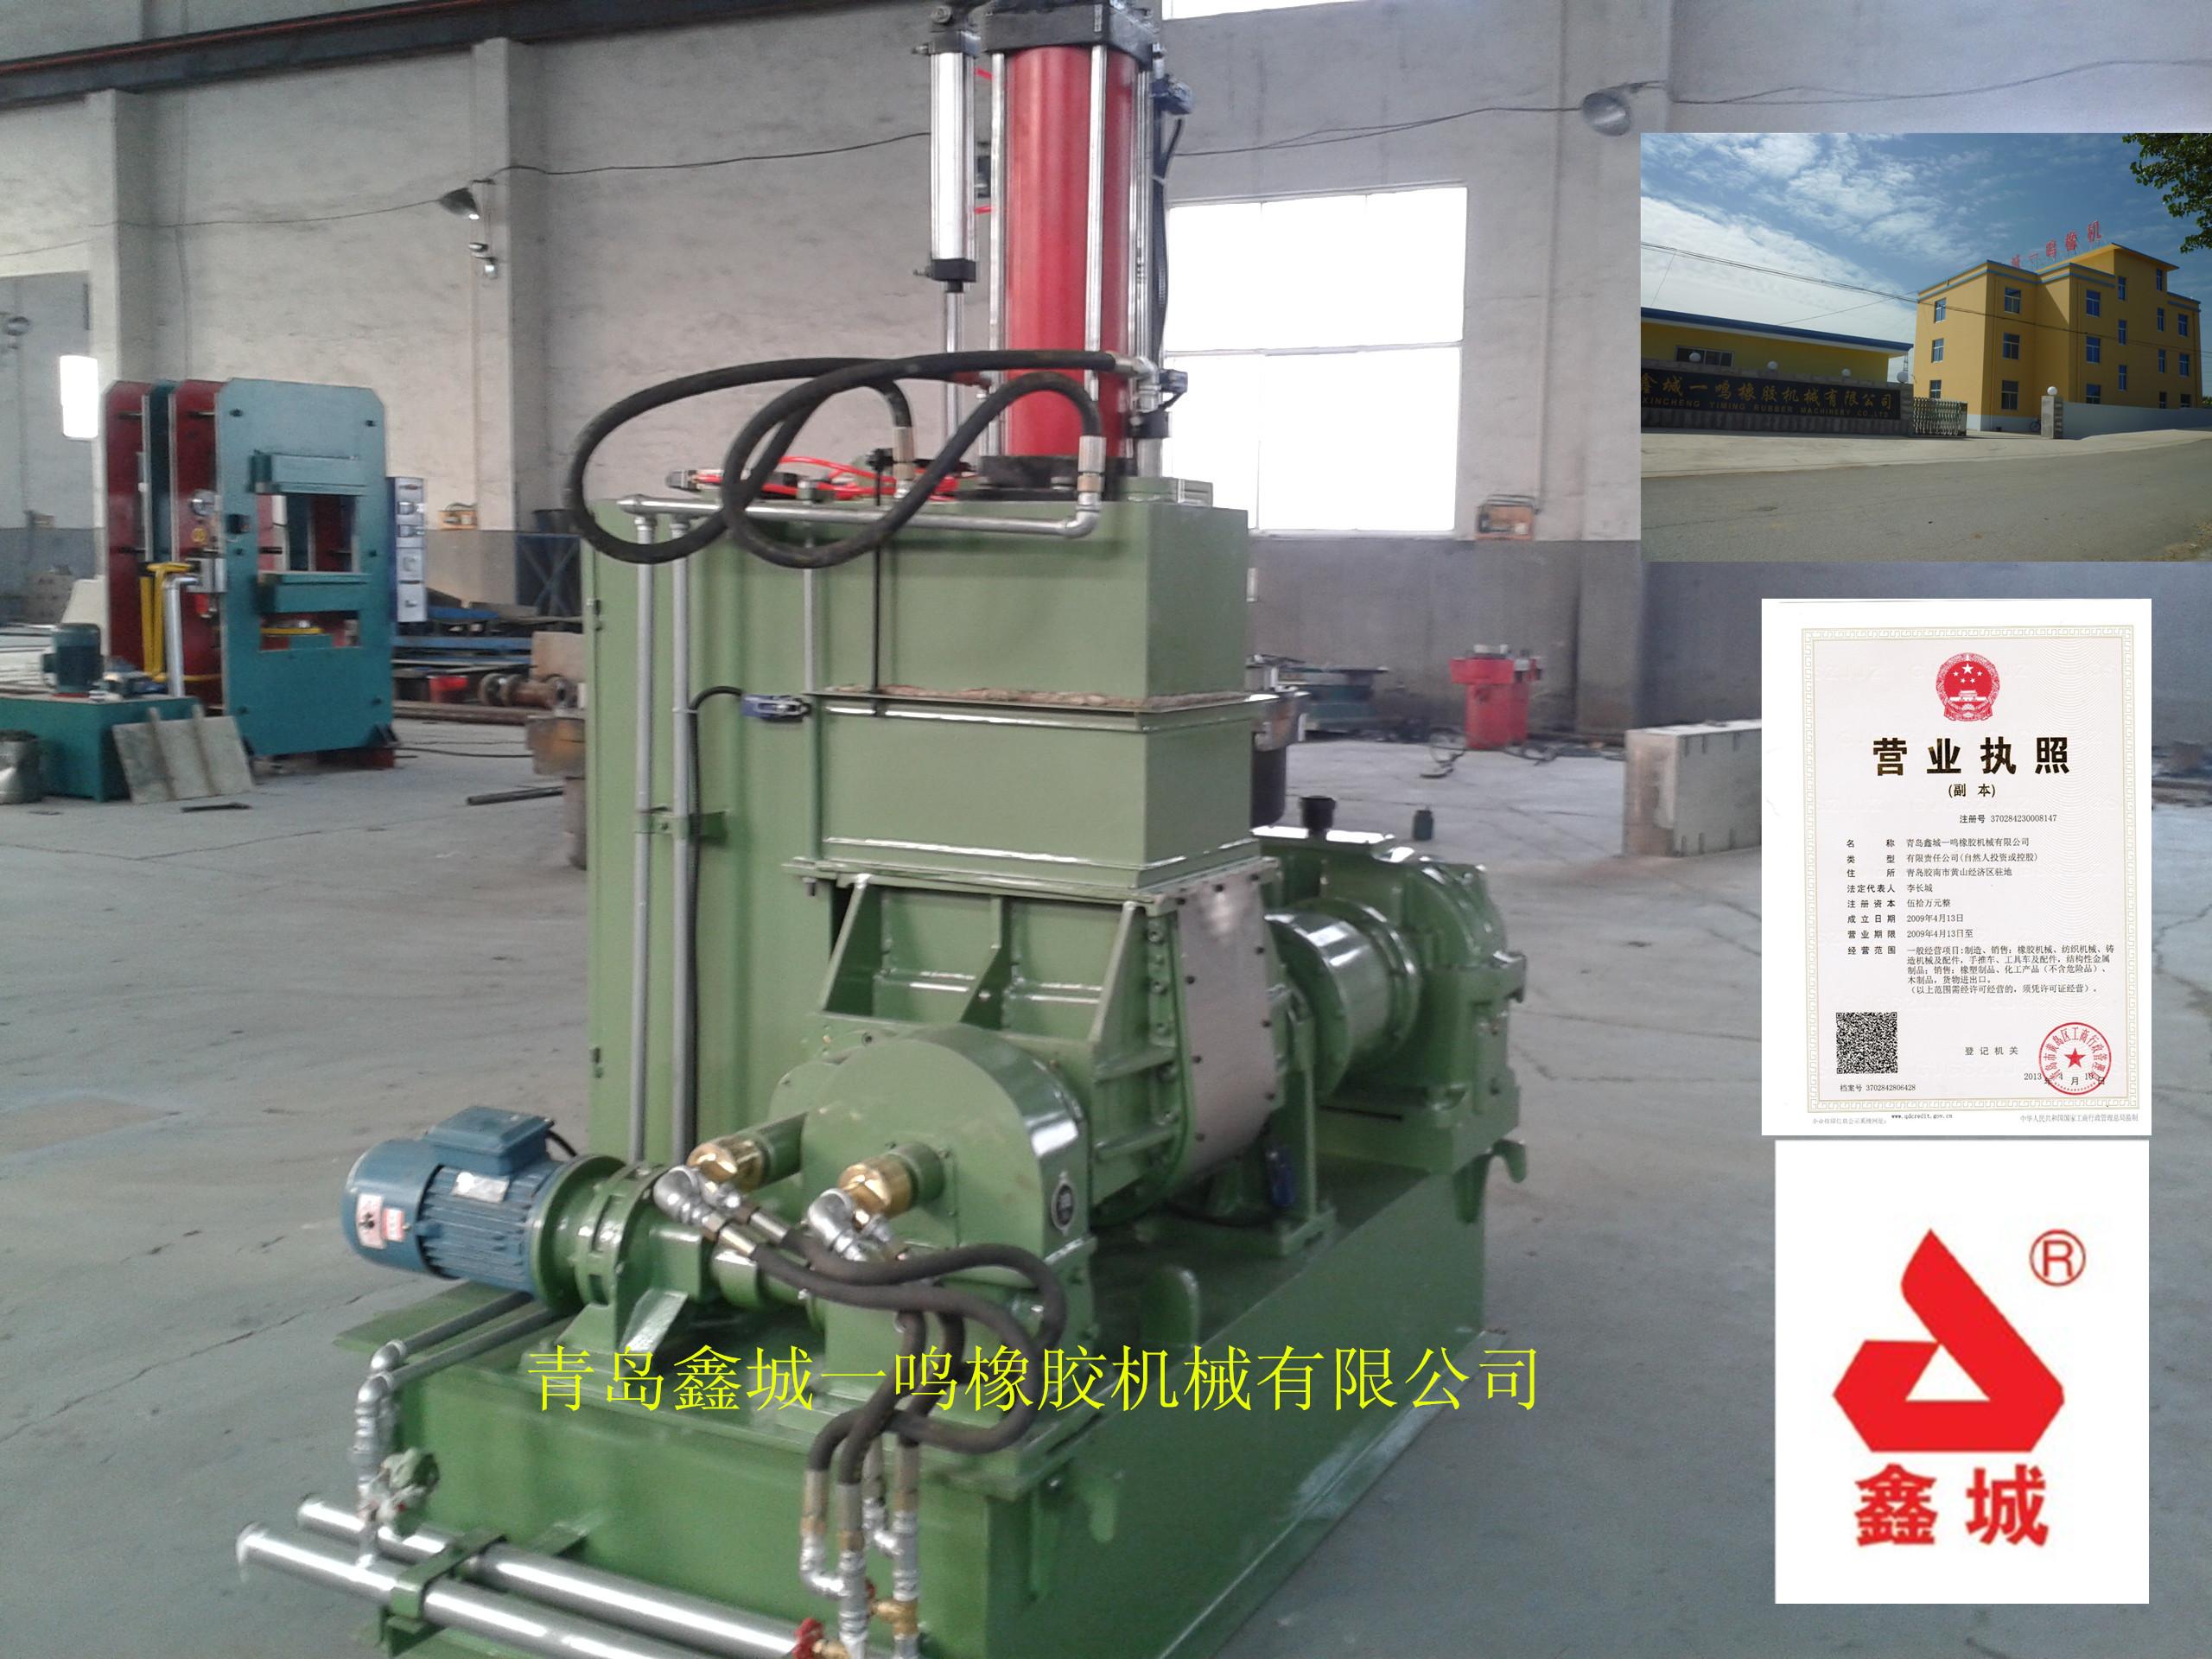 橡胶塑料密炼机_橡胶机械密炼机_全球塑胶网_优质橡胶密炼机